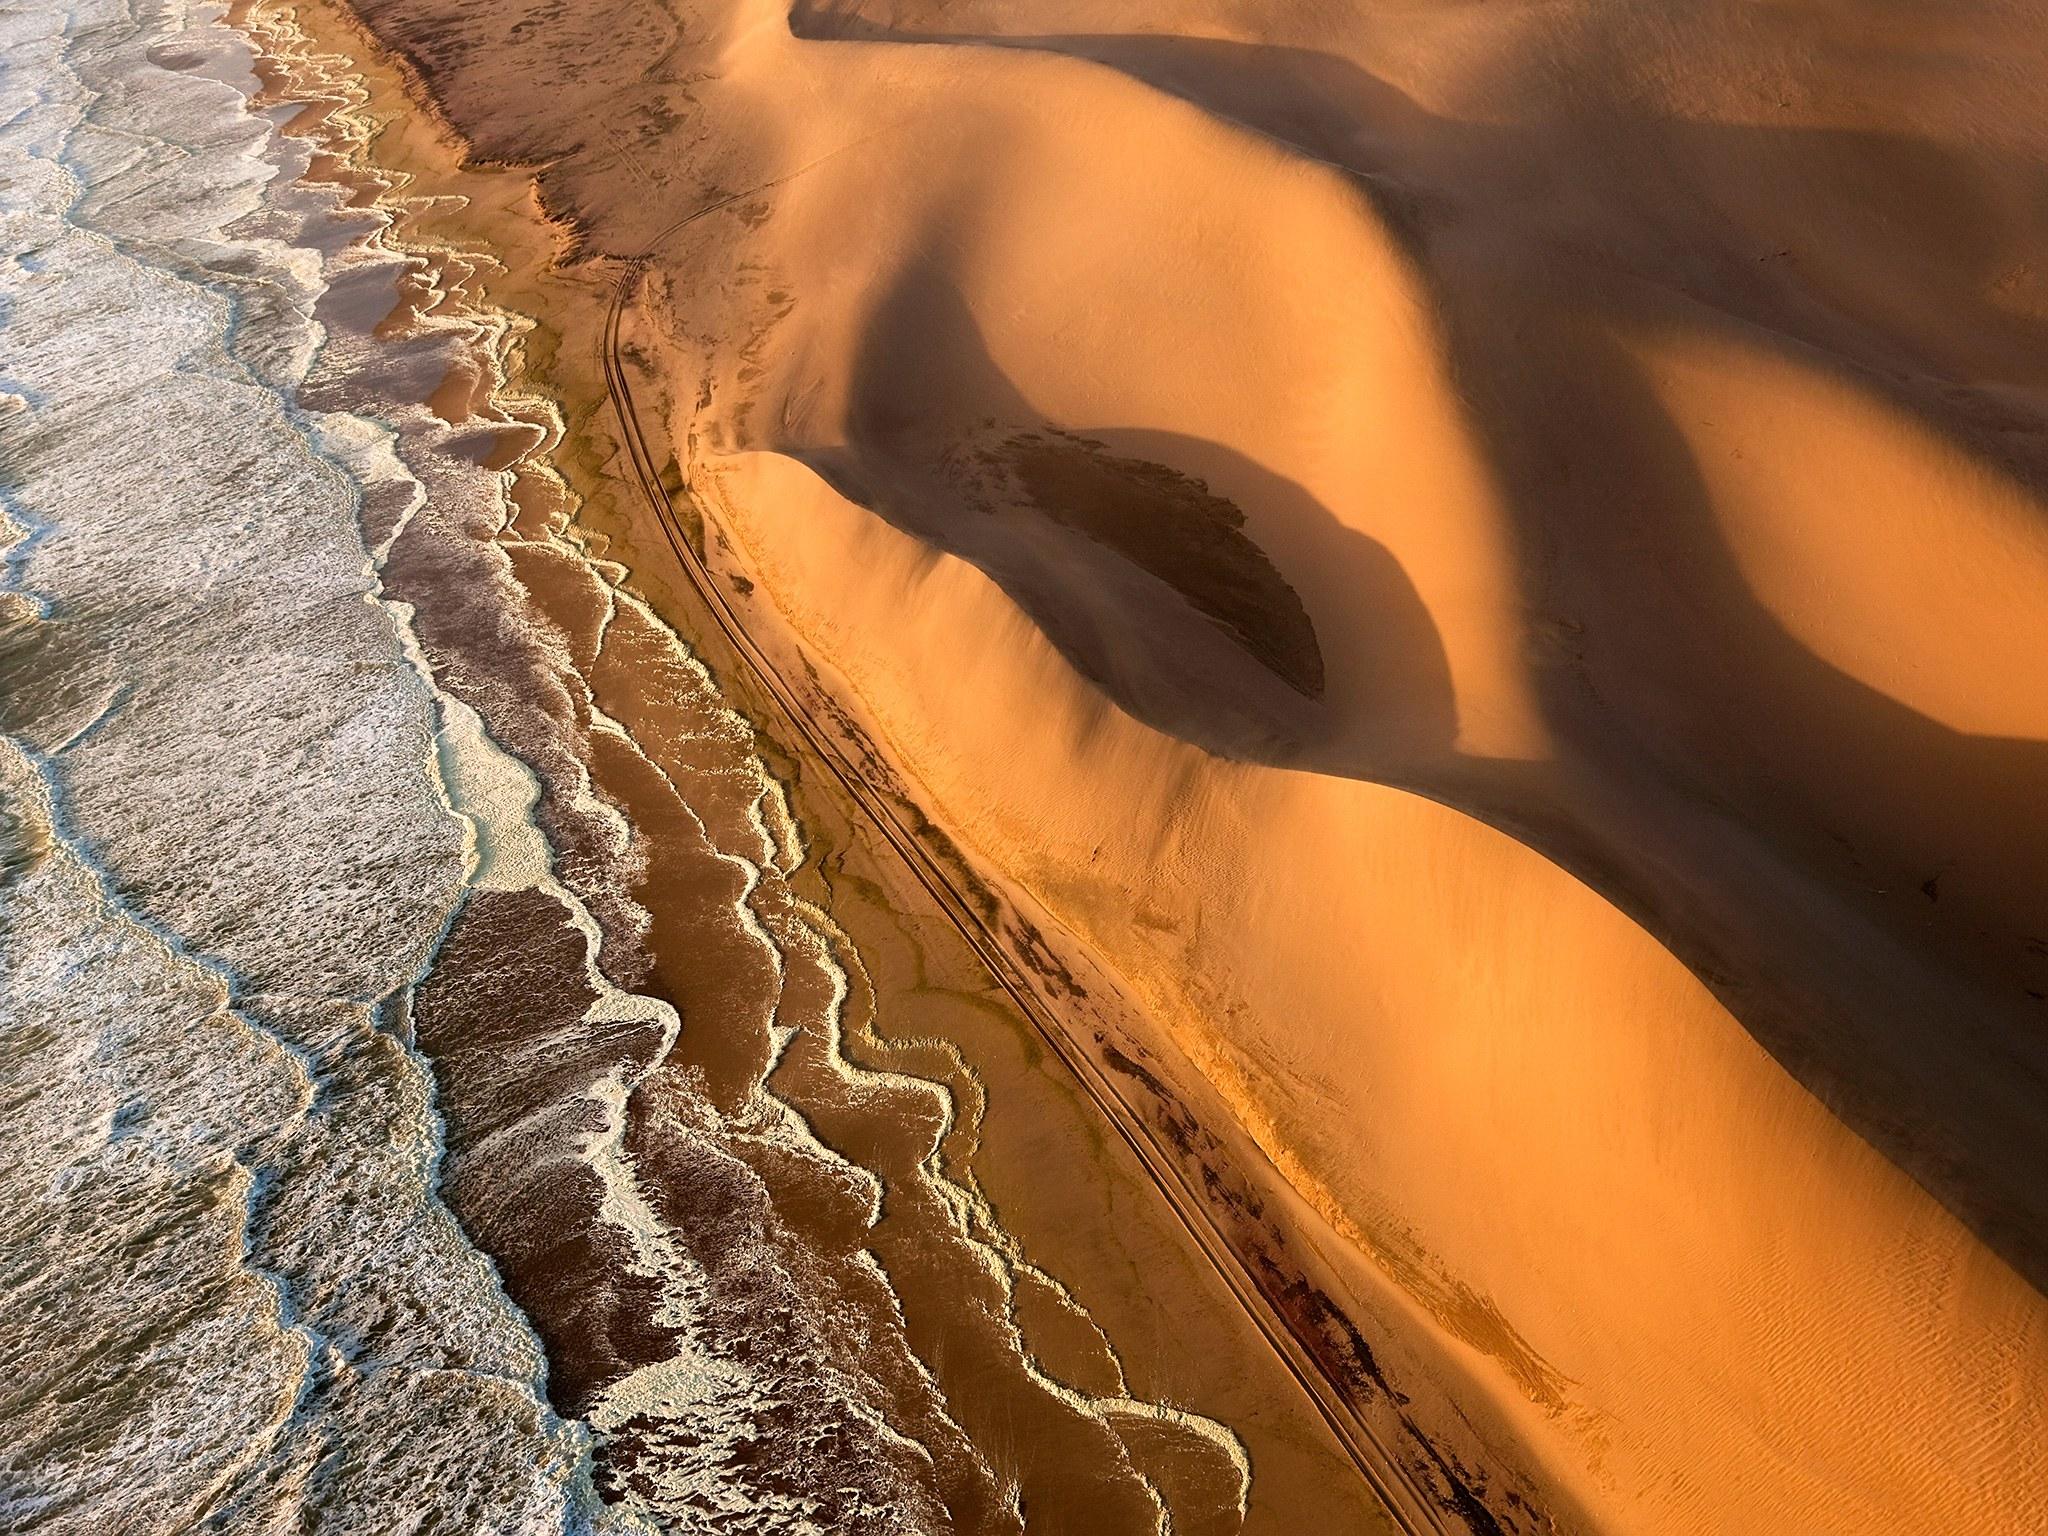 купе достойное красивые картинки африканского побережья как